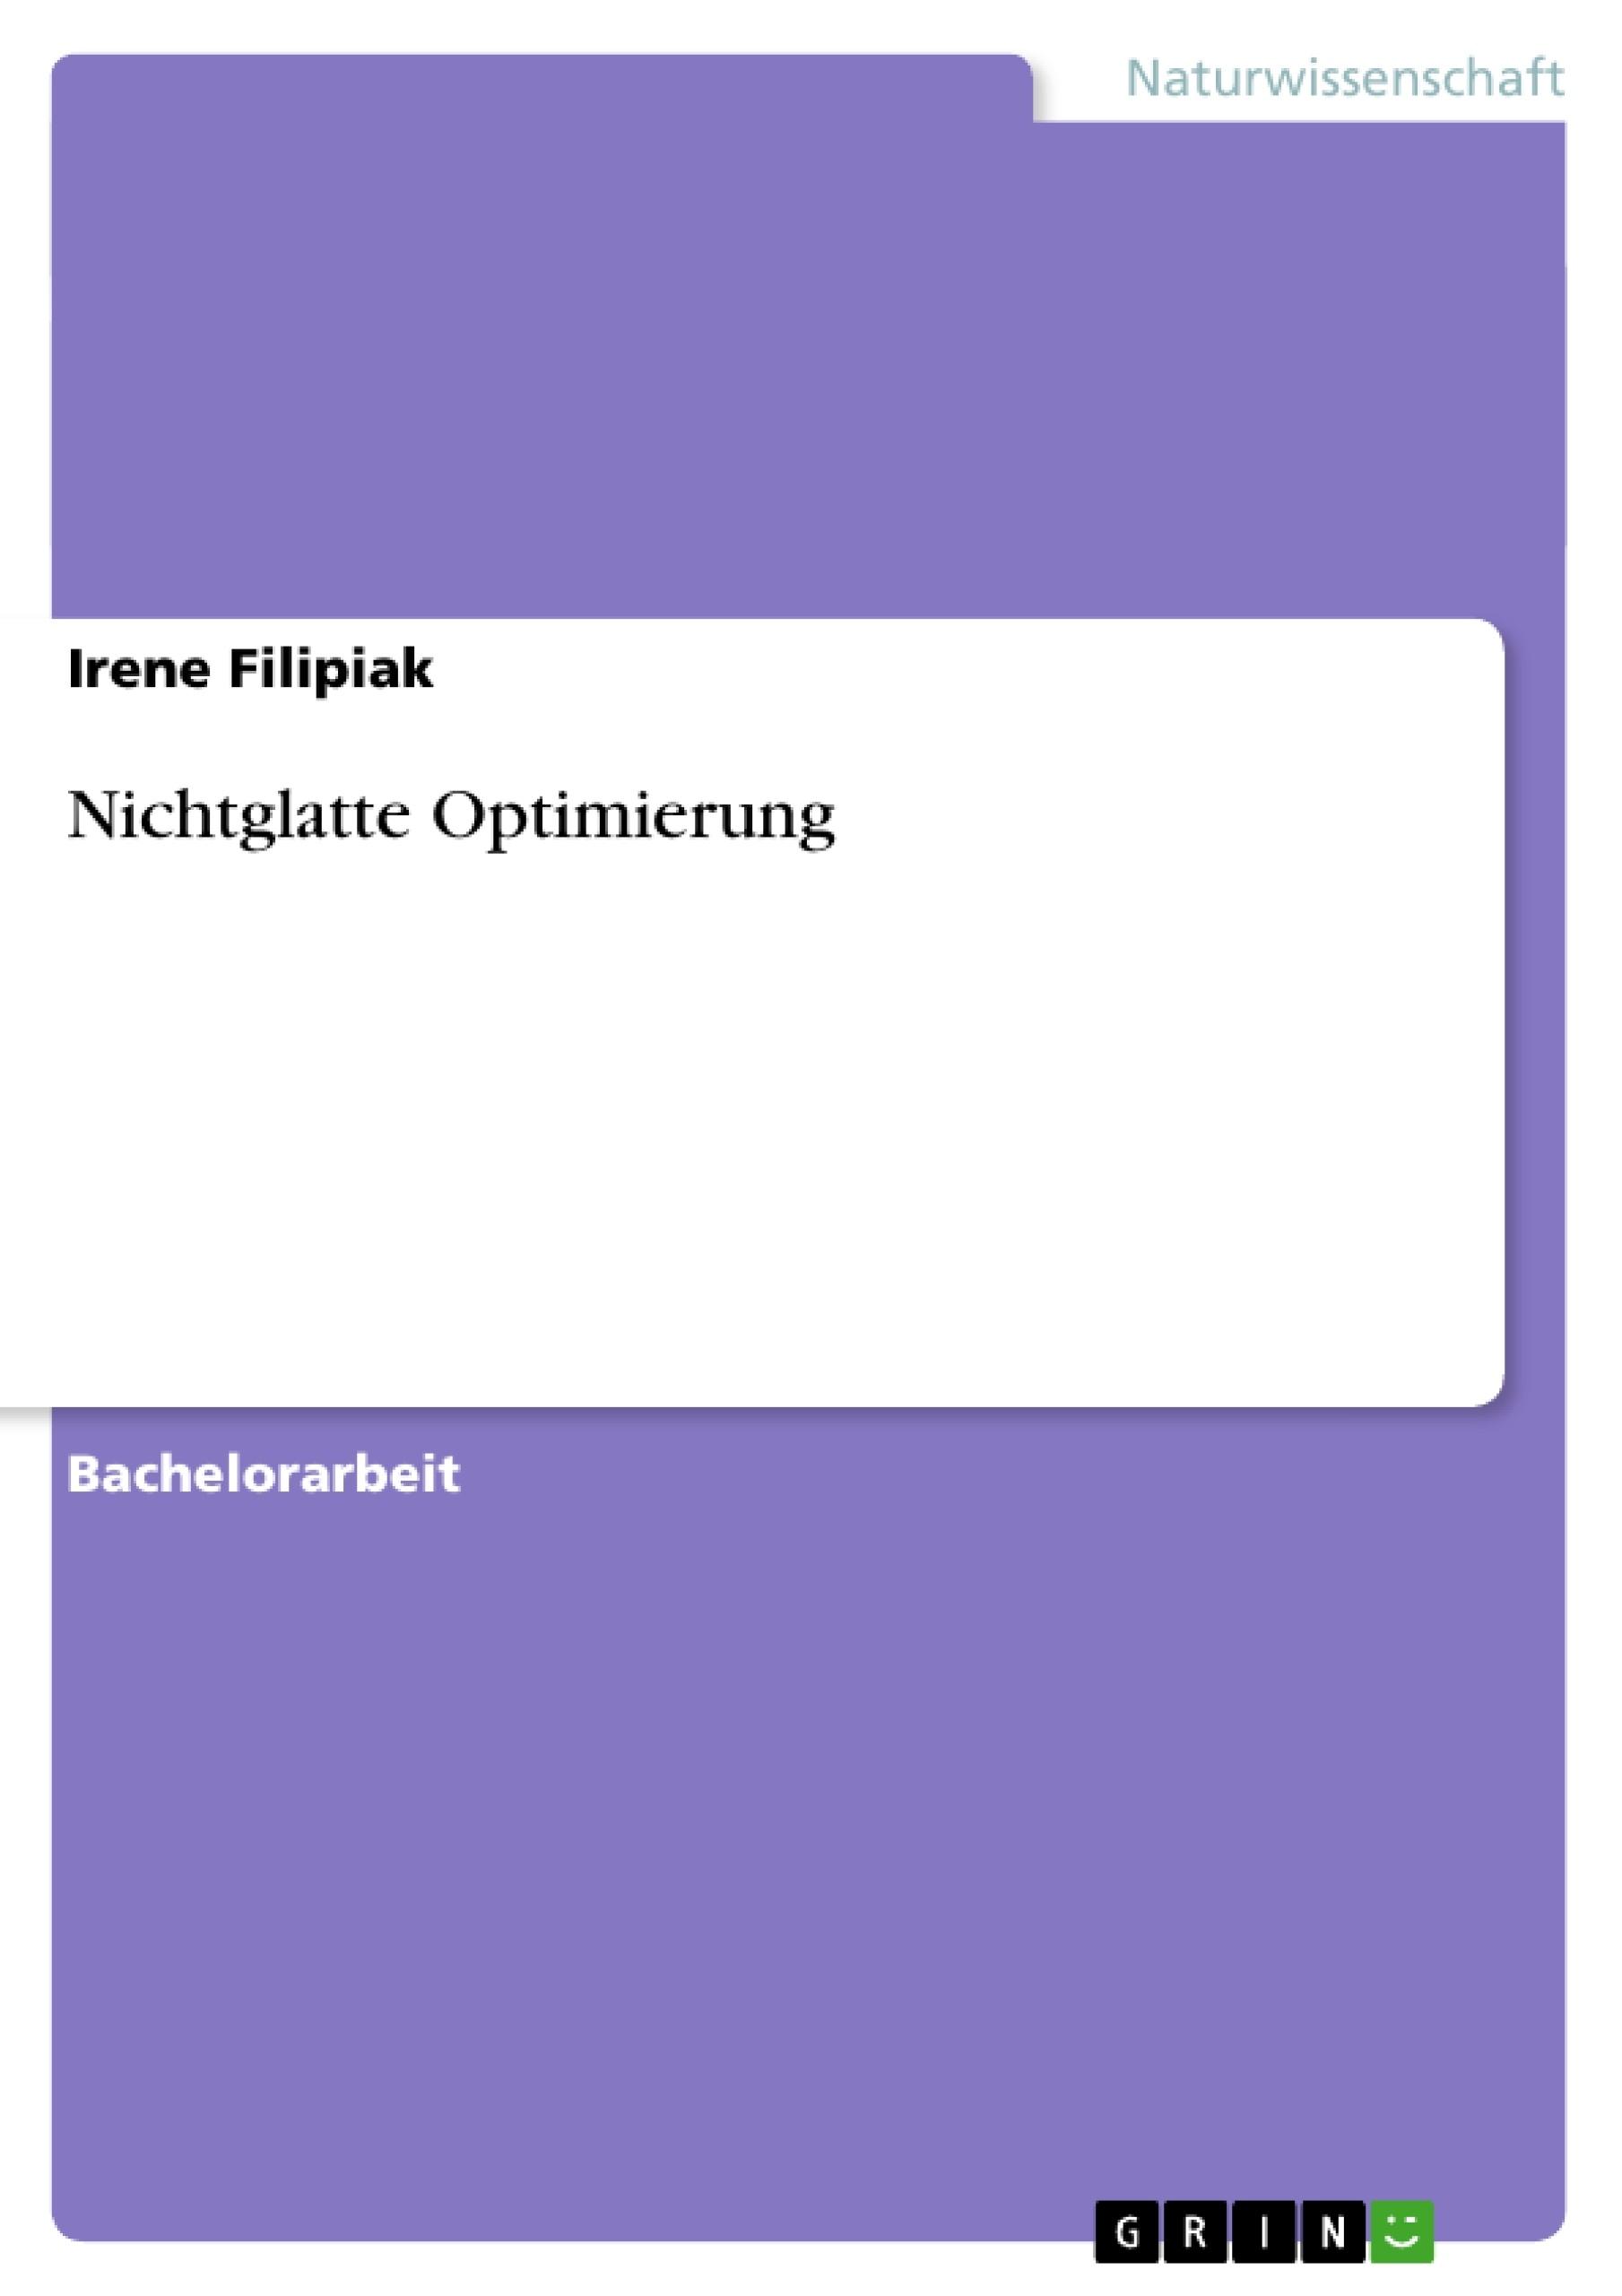 Titel: Nichtglatte Optimierung